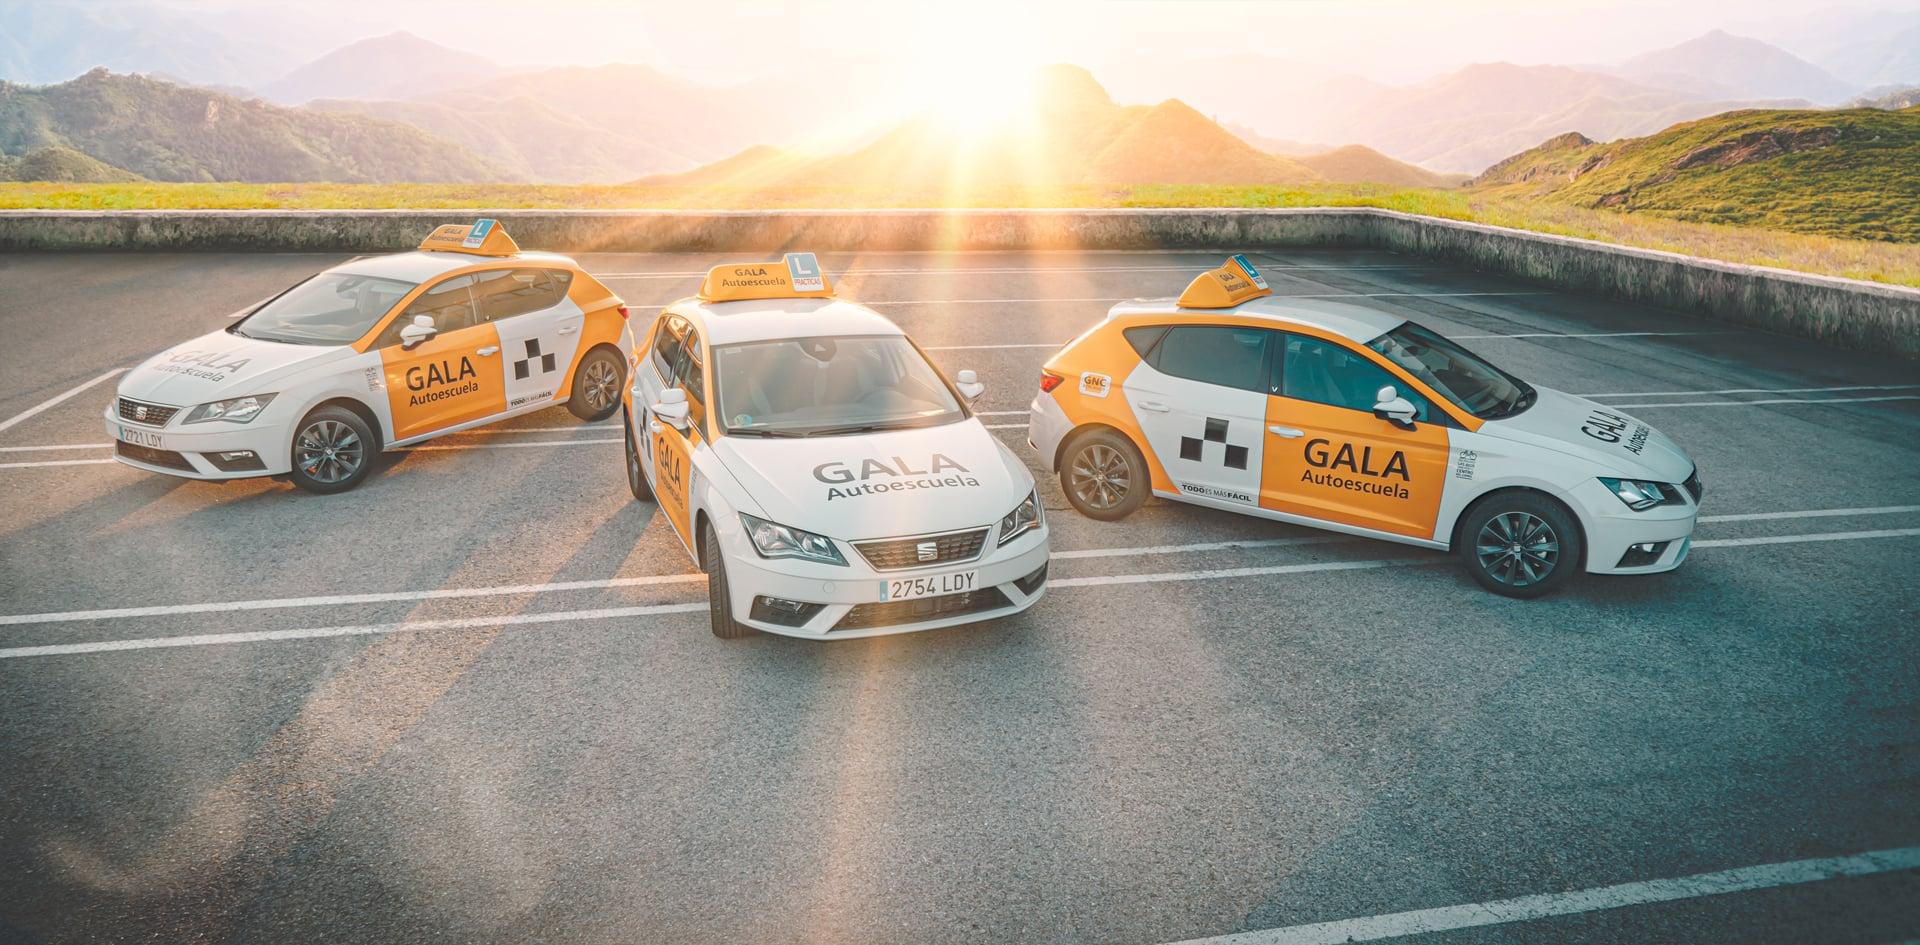 Preparando conductores seguros y responsables en Madrid - Miguel Angel Blanquez Mayor - Director de Autoescuela Gala